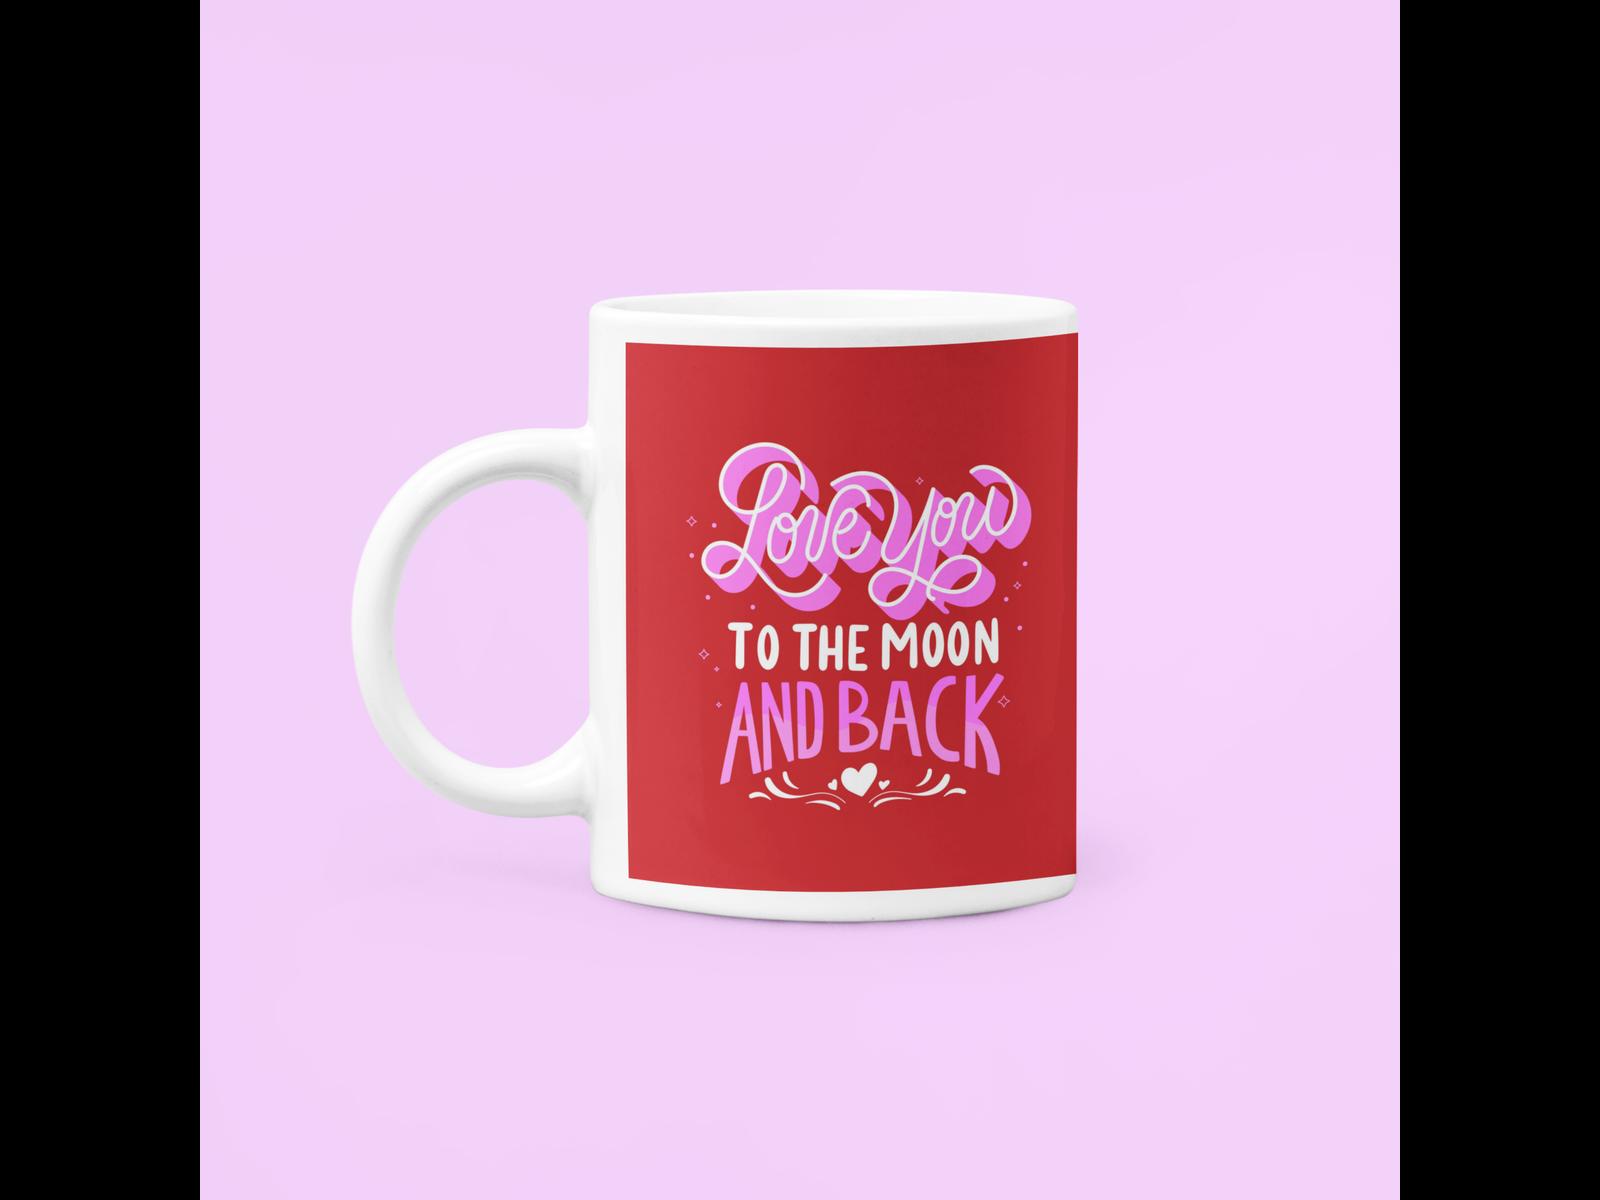 Caneca Love You To the Moon and Back Casal Dia dos Namorados Noivos Casados